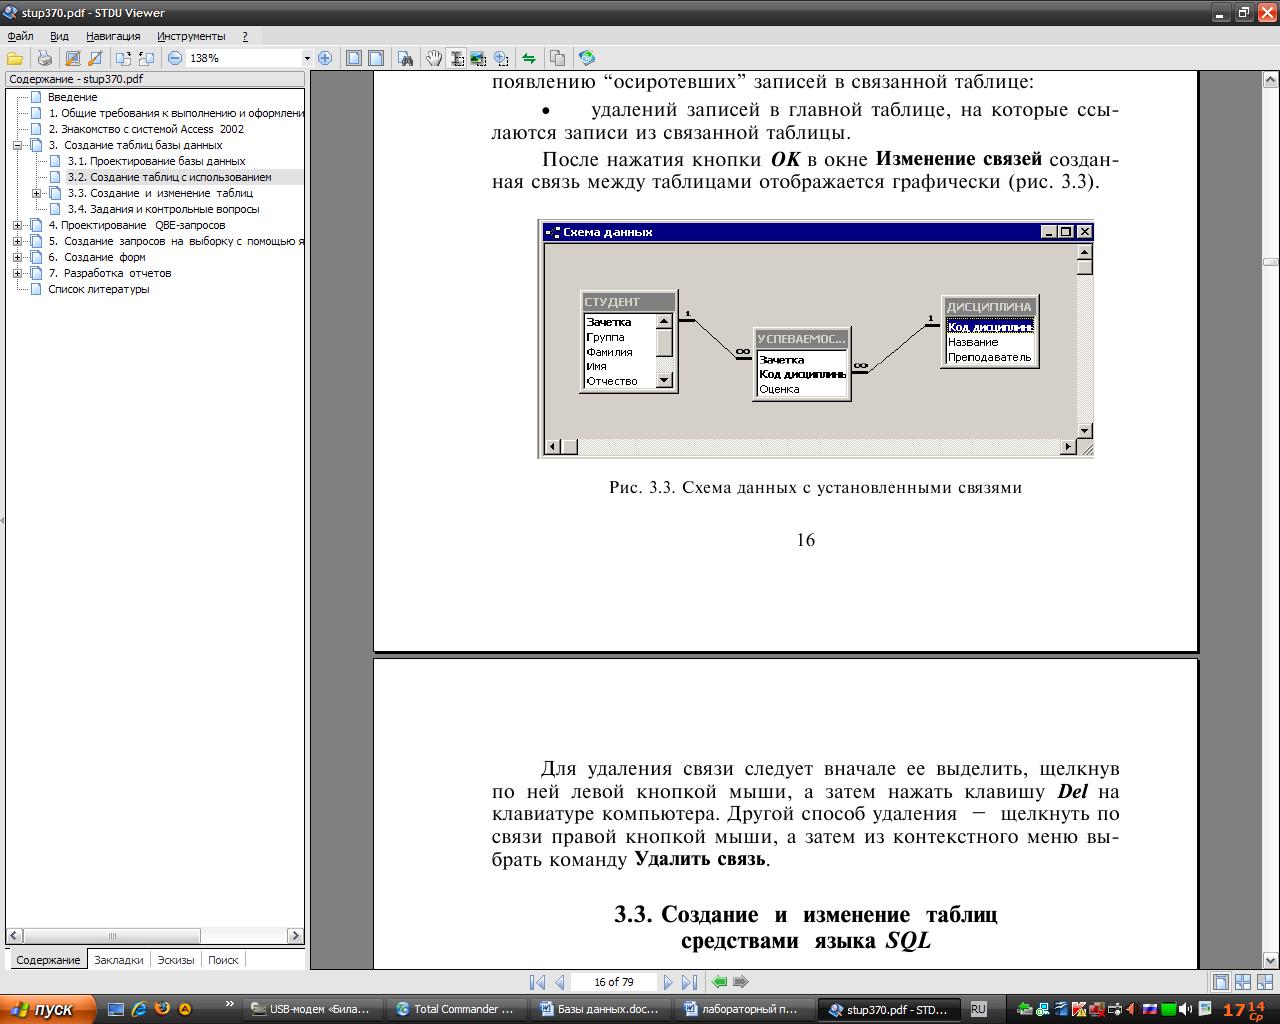 Как удалить связь в схеме данных Изменение схемы данных Студопедия